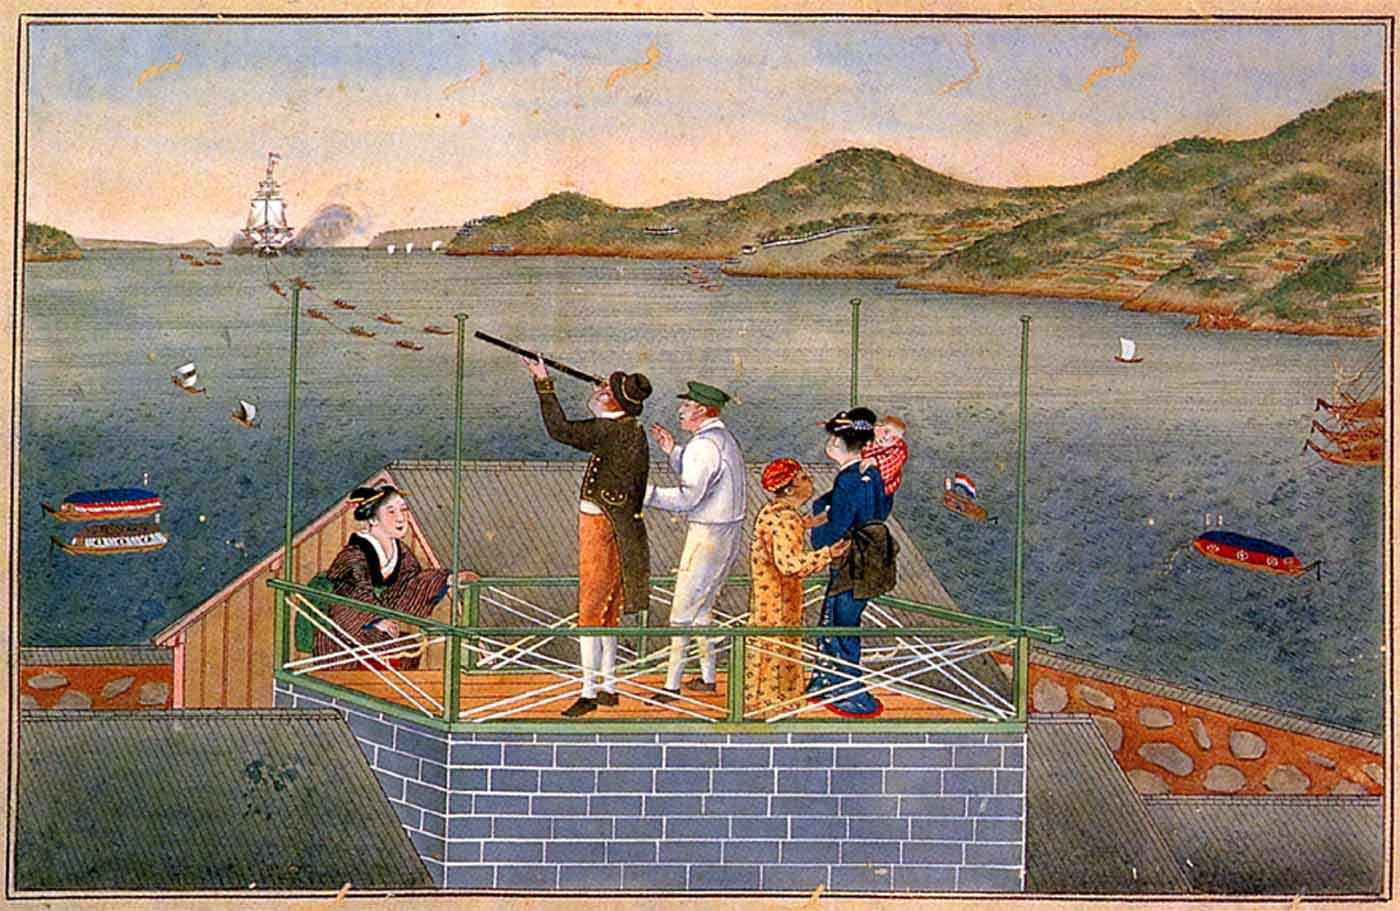 Siebold osserva con un telescopio una nave VOC avvicinarsi nella baia di Nagasaki. Sulla stessa torretta è la sua compagna Otaki e la loro figlia Ine. Dipinto di Kawahara Keiga, Peabody Museum Essex..